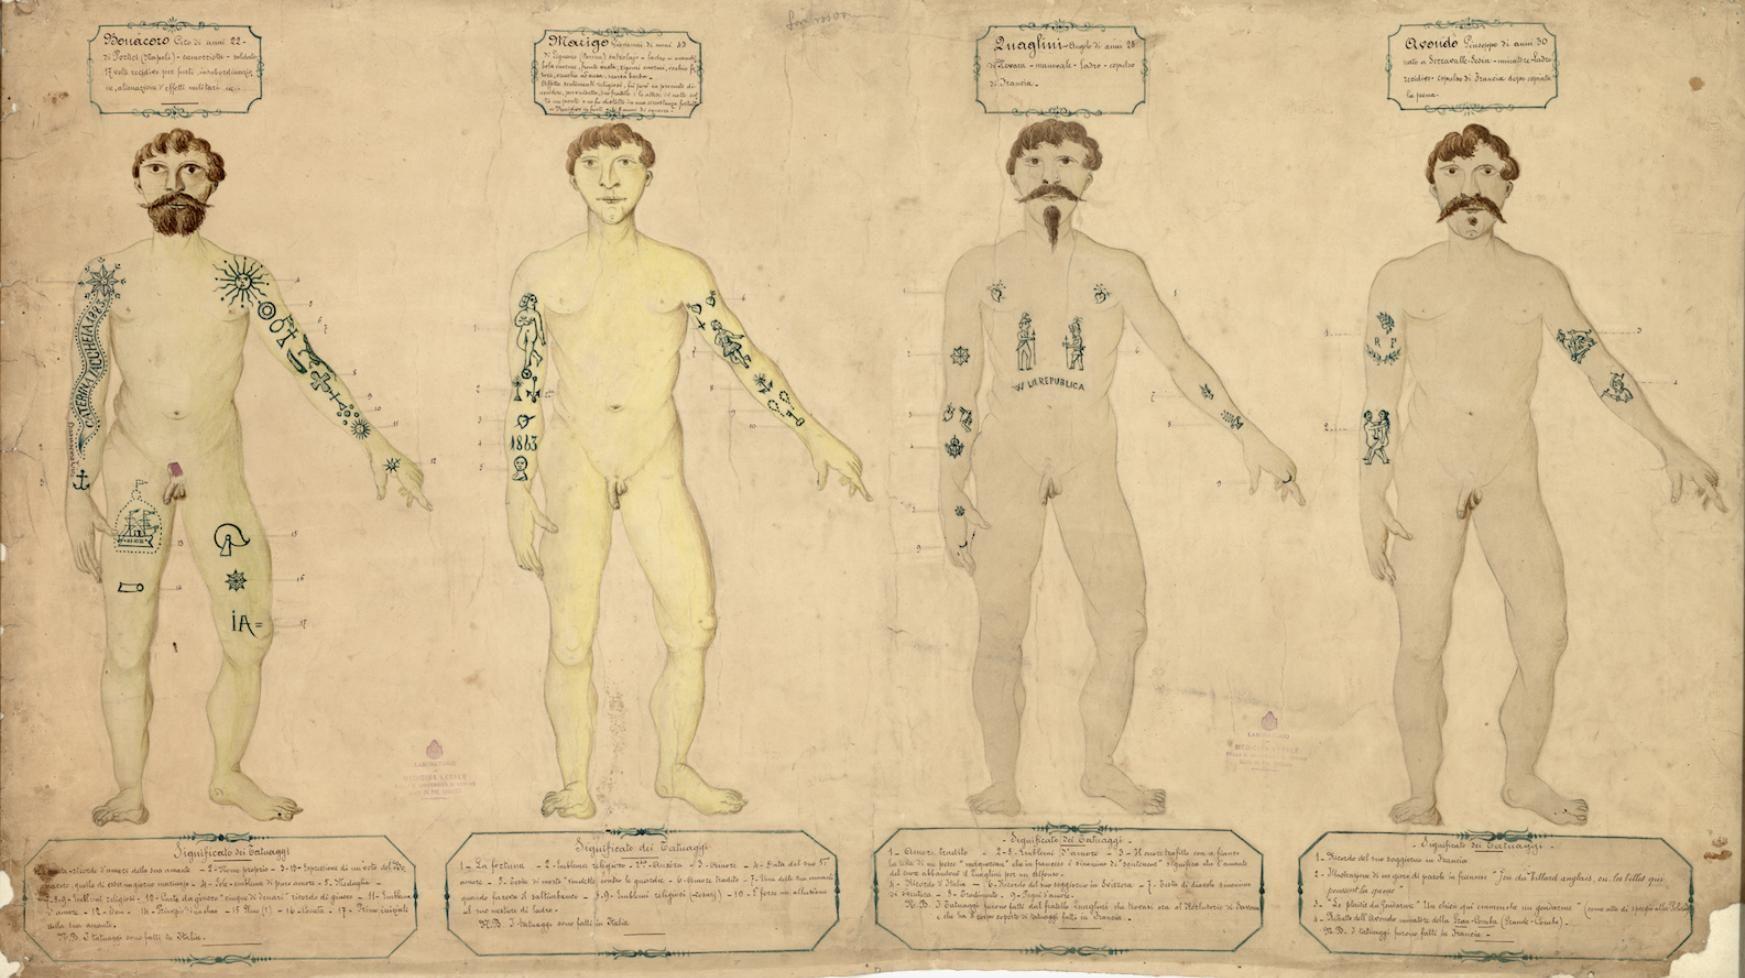 Tatuaggi religiosi, tatuaggi nobiliari, tatuaggi che facevano arrabbiare Lombroso, tatuaggi della camorra: a proposito della tradizione perduta dei tatuaggi in Italia.